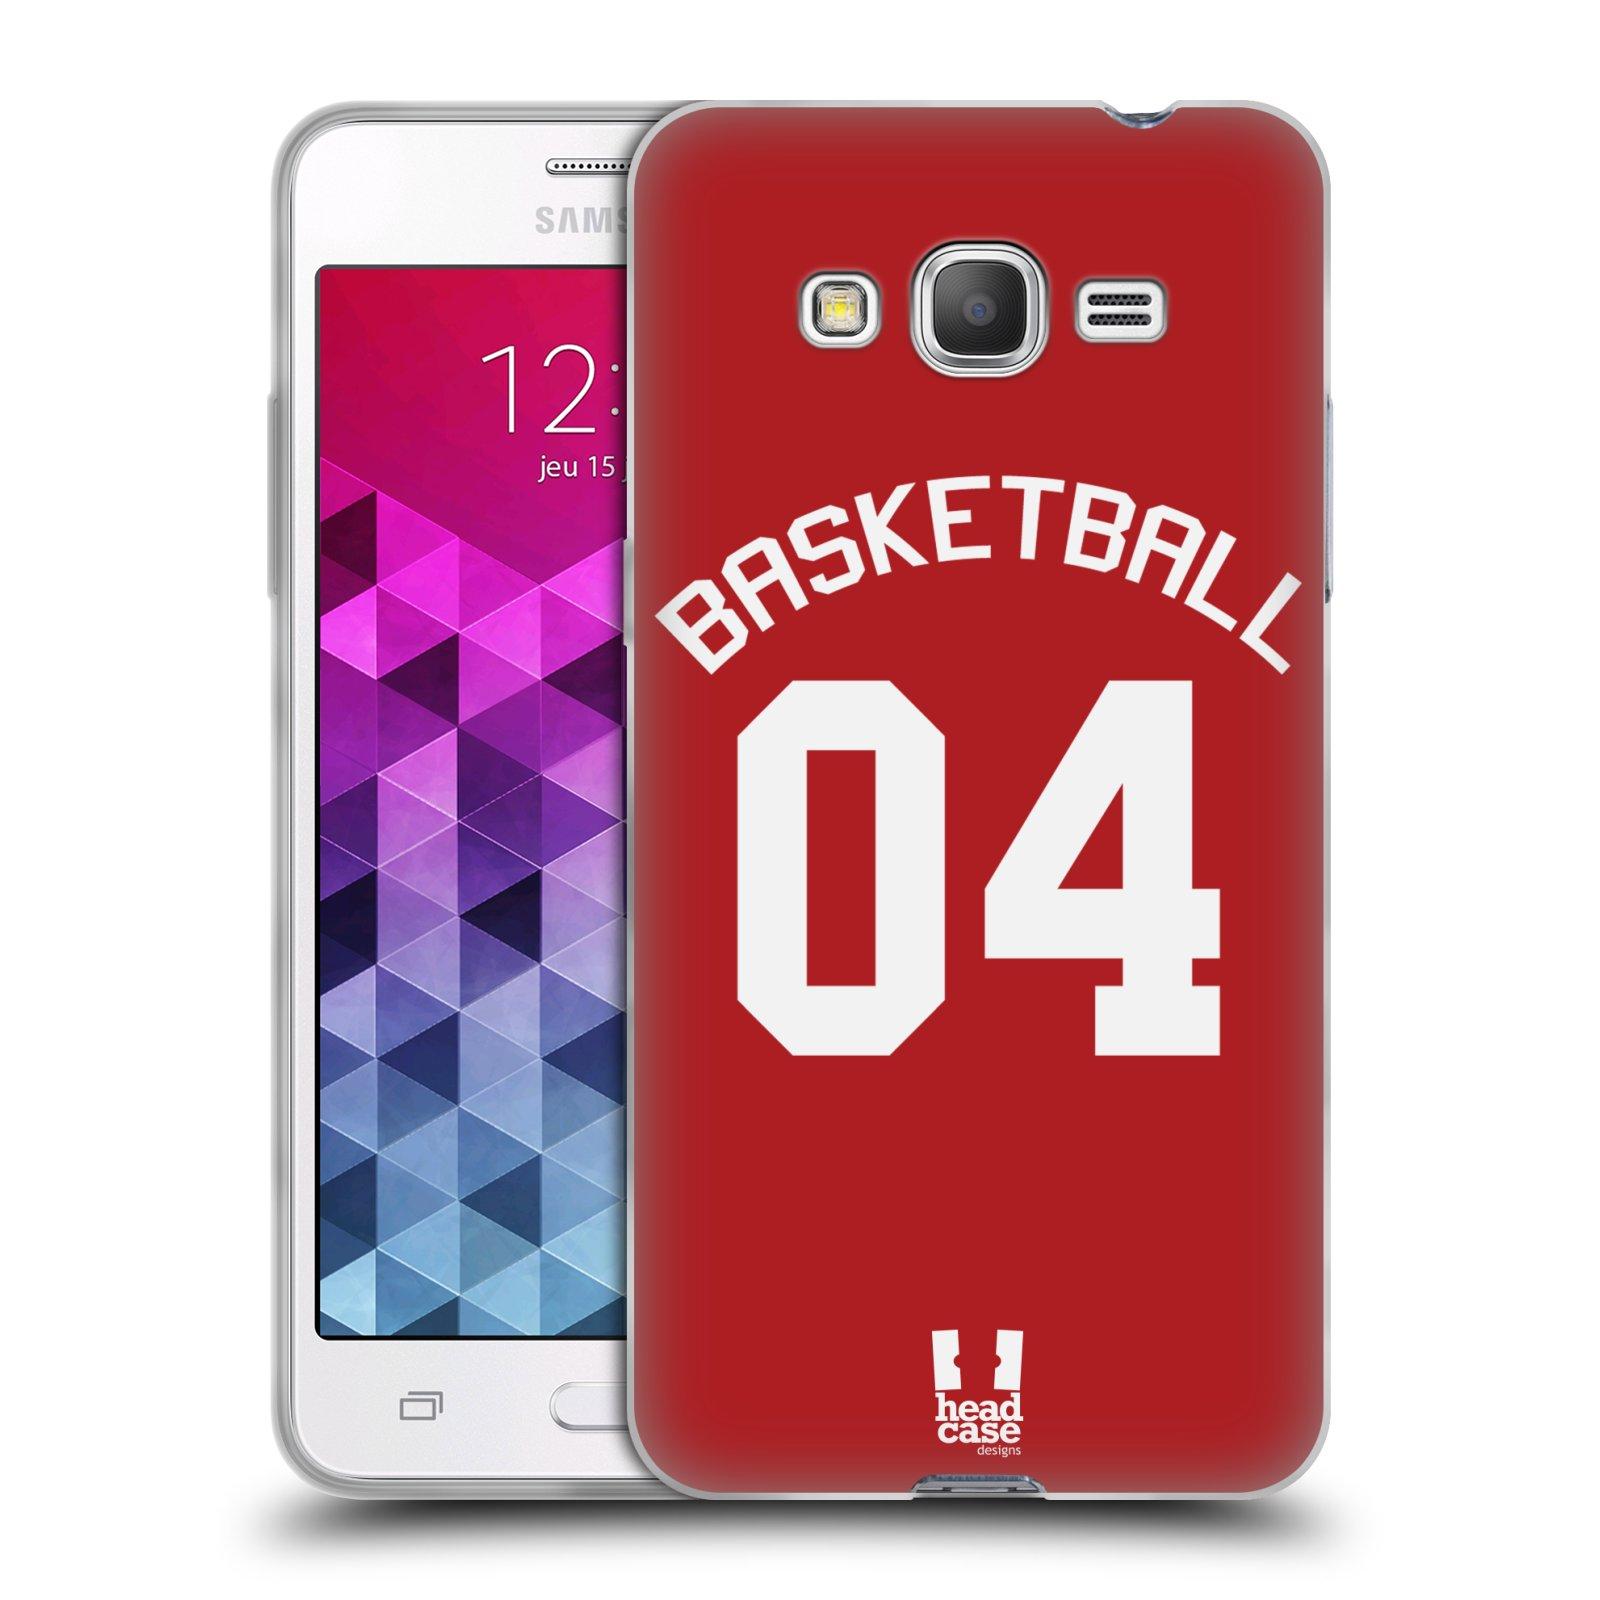 HEAD CASE silikonový obal na mobil Samsung Galaxy Grand Prime Sportovní dres Basketbal červený